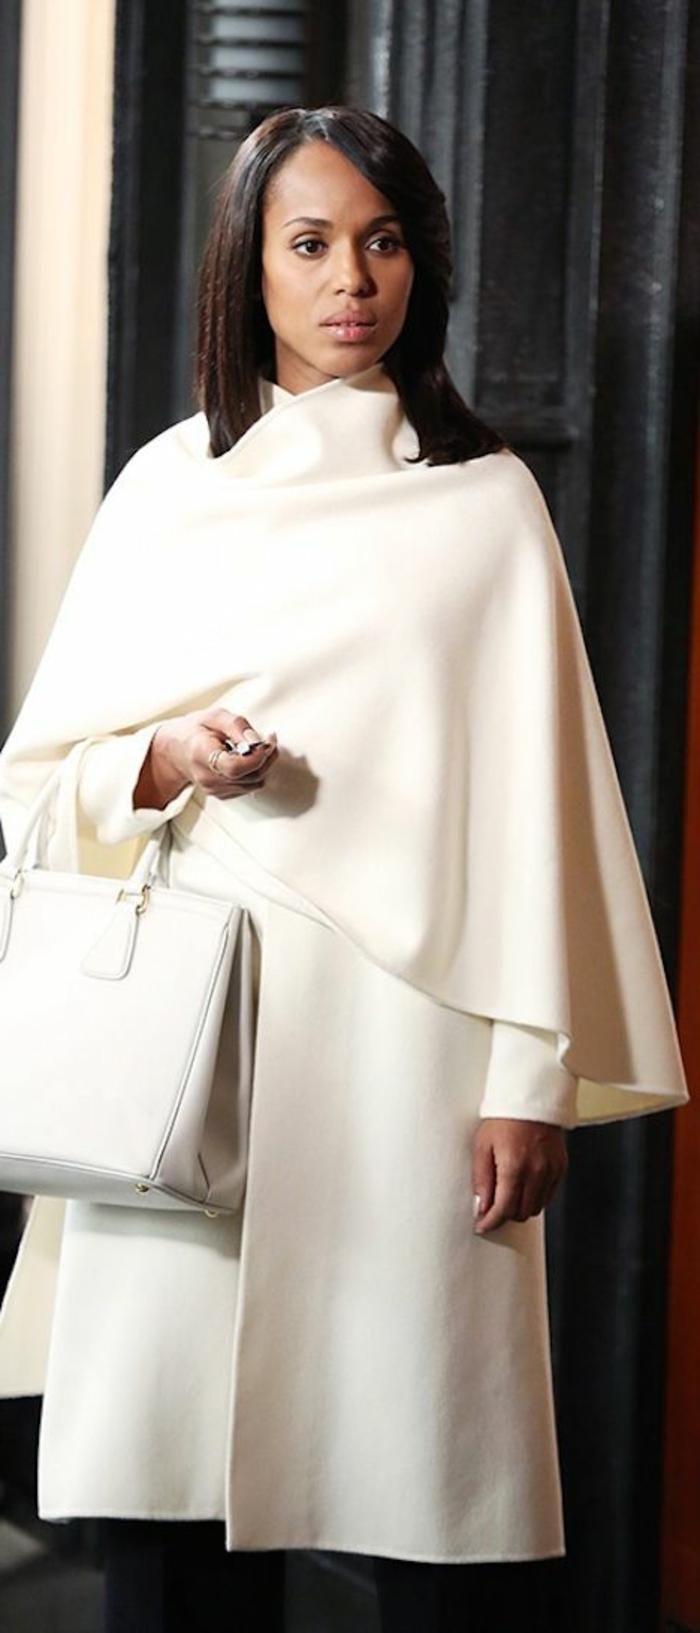 Kerry-Washington-Marielle-Collection-Mantel-weiß-einzigartiges-Modell-elegant-stilvoll